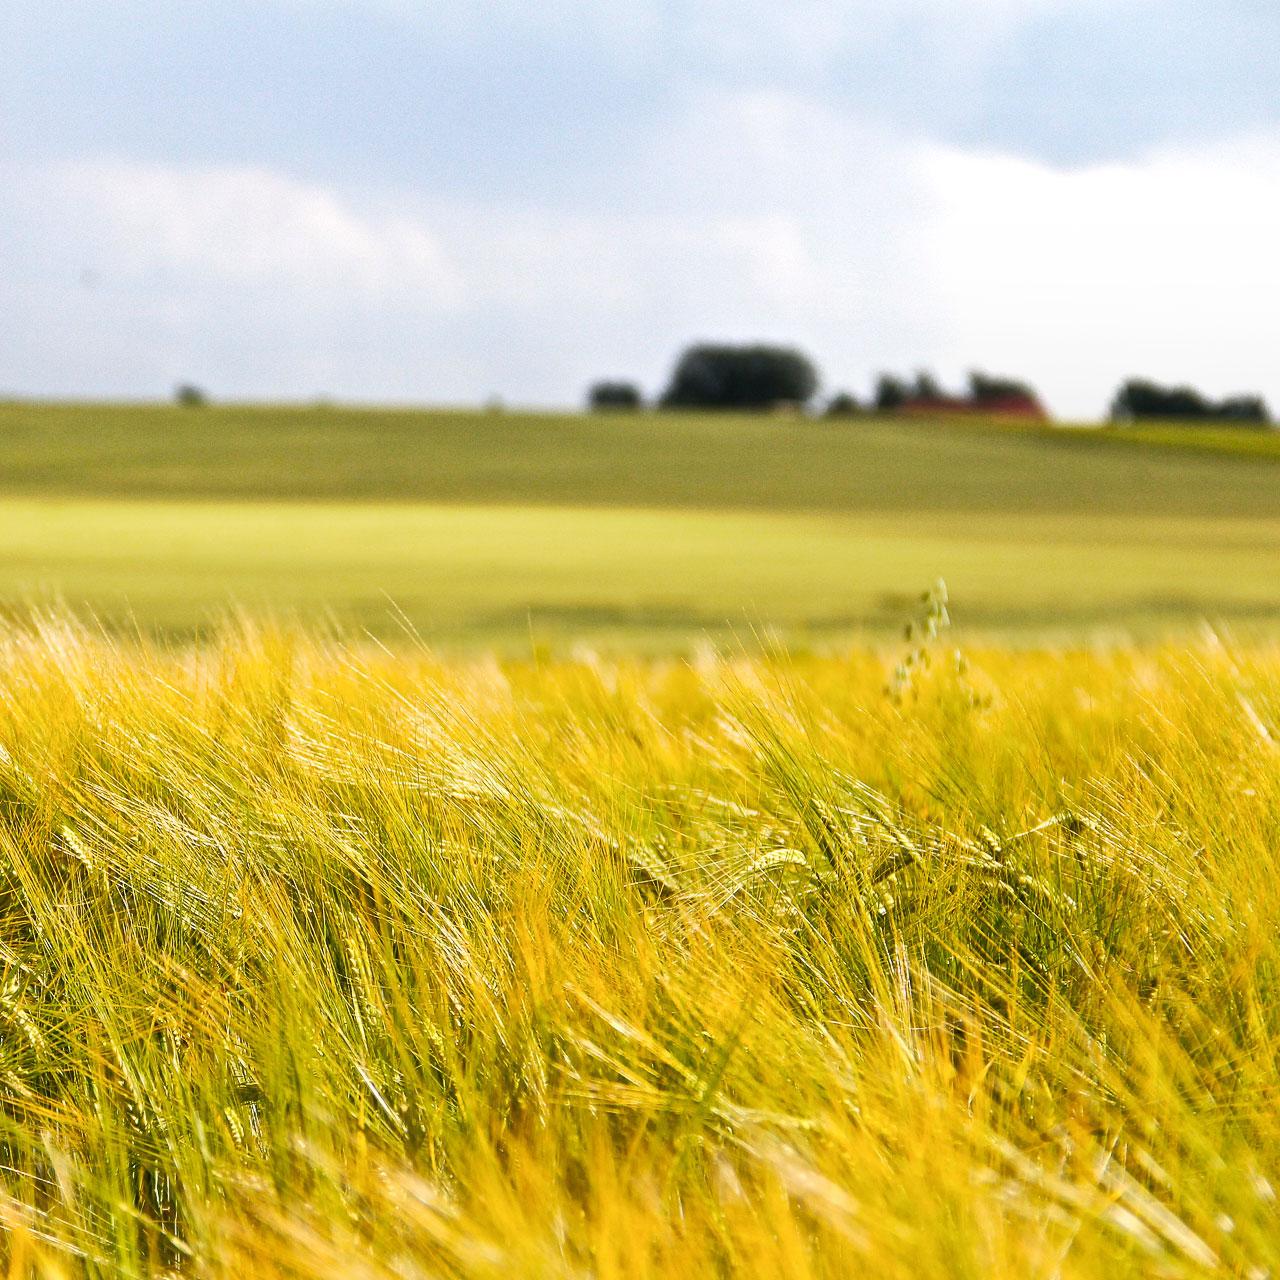 Minska miljöpåverkan och bidra till ett mer hållbart samhälle